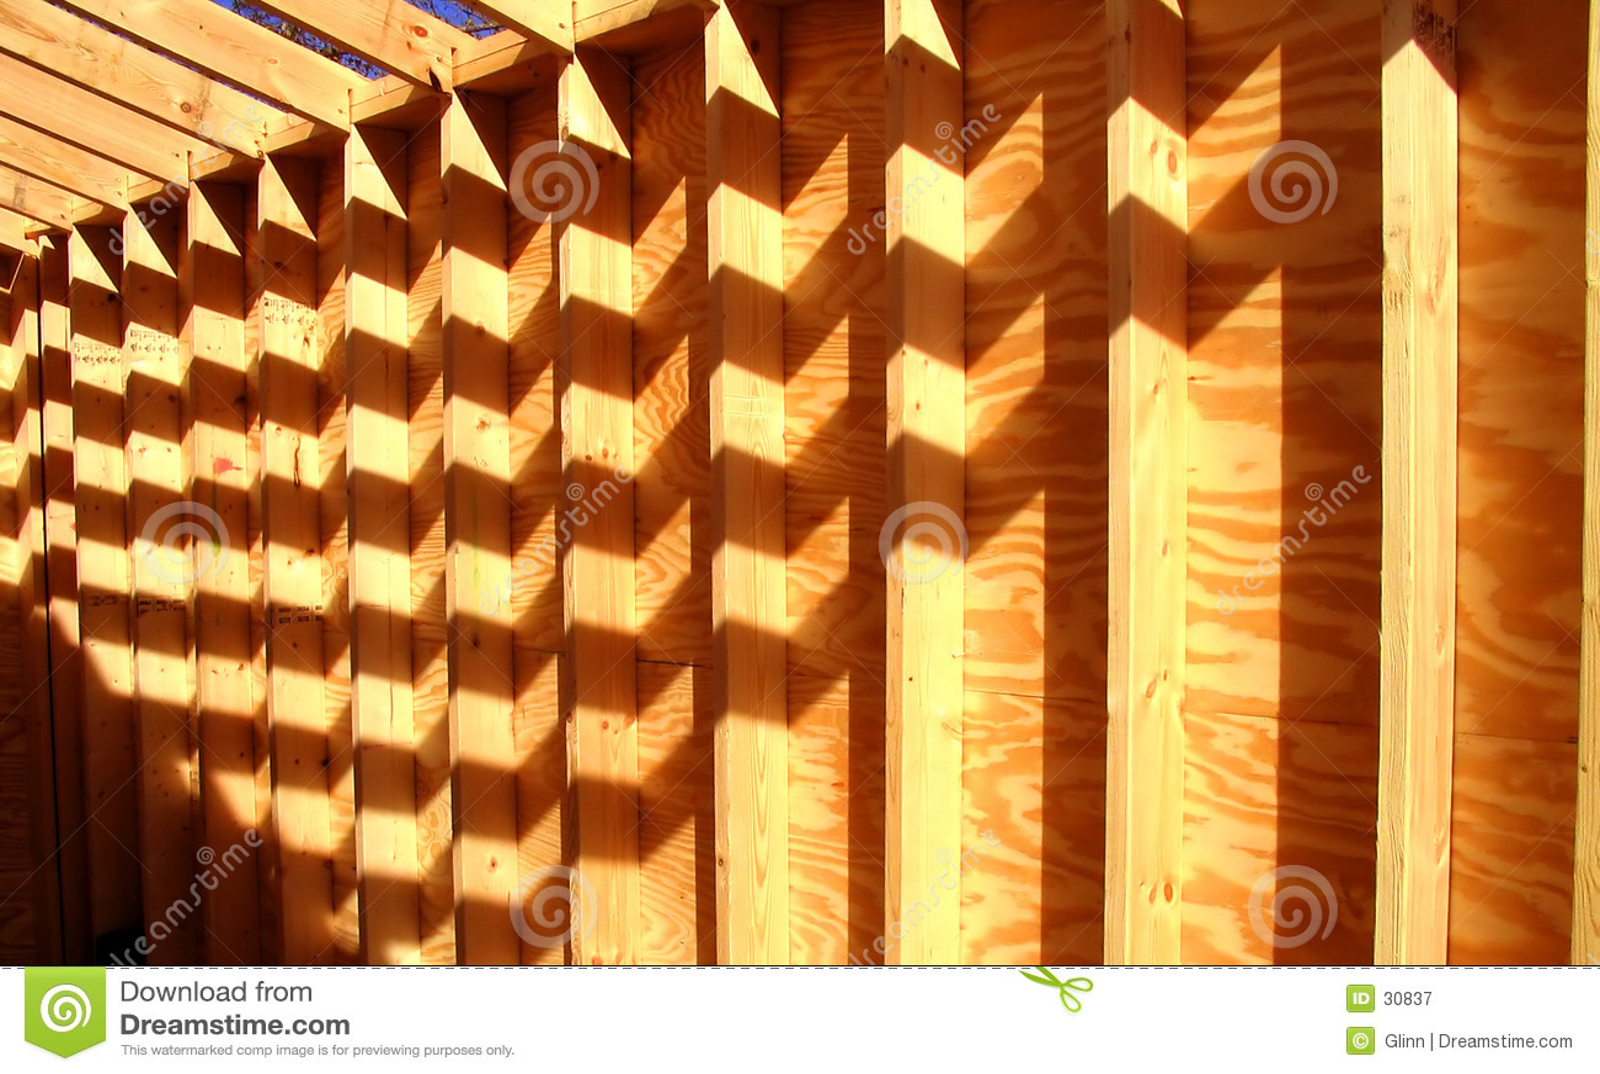 Download Arte de la construcción imagen de archivo. Imagen de sombras - 30837